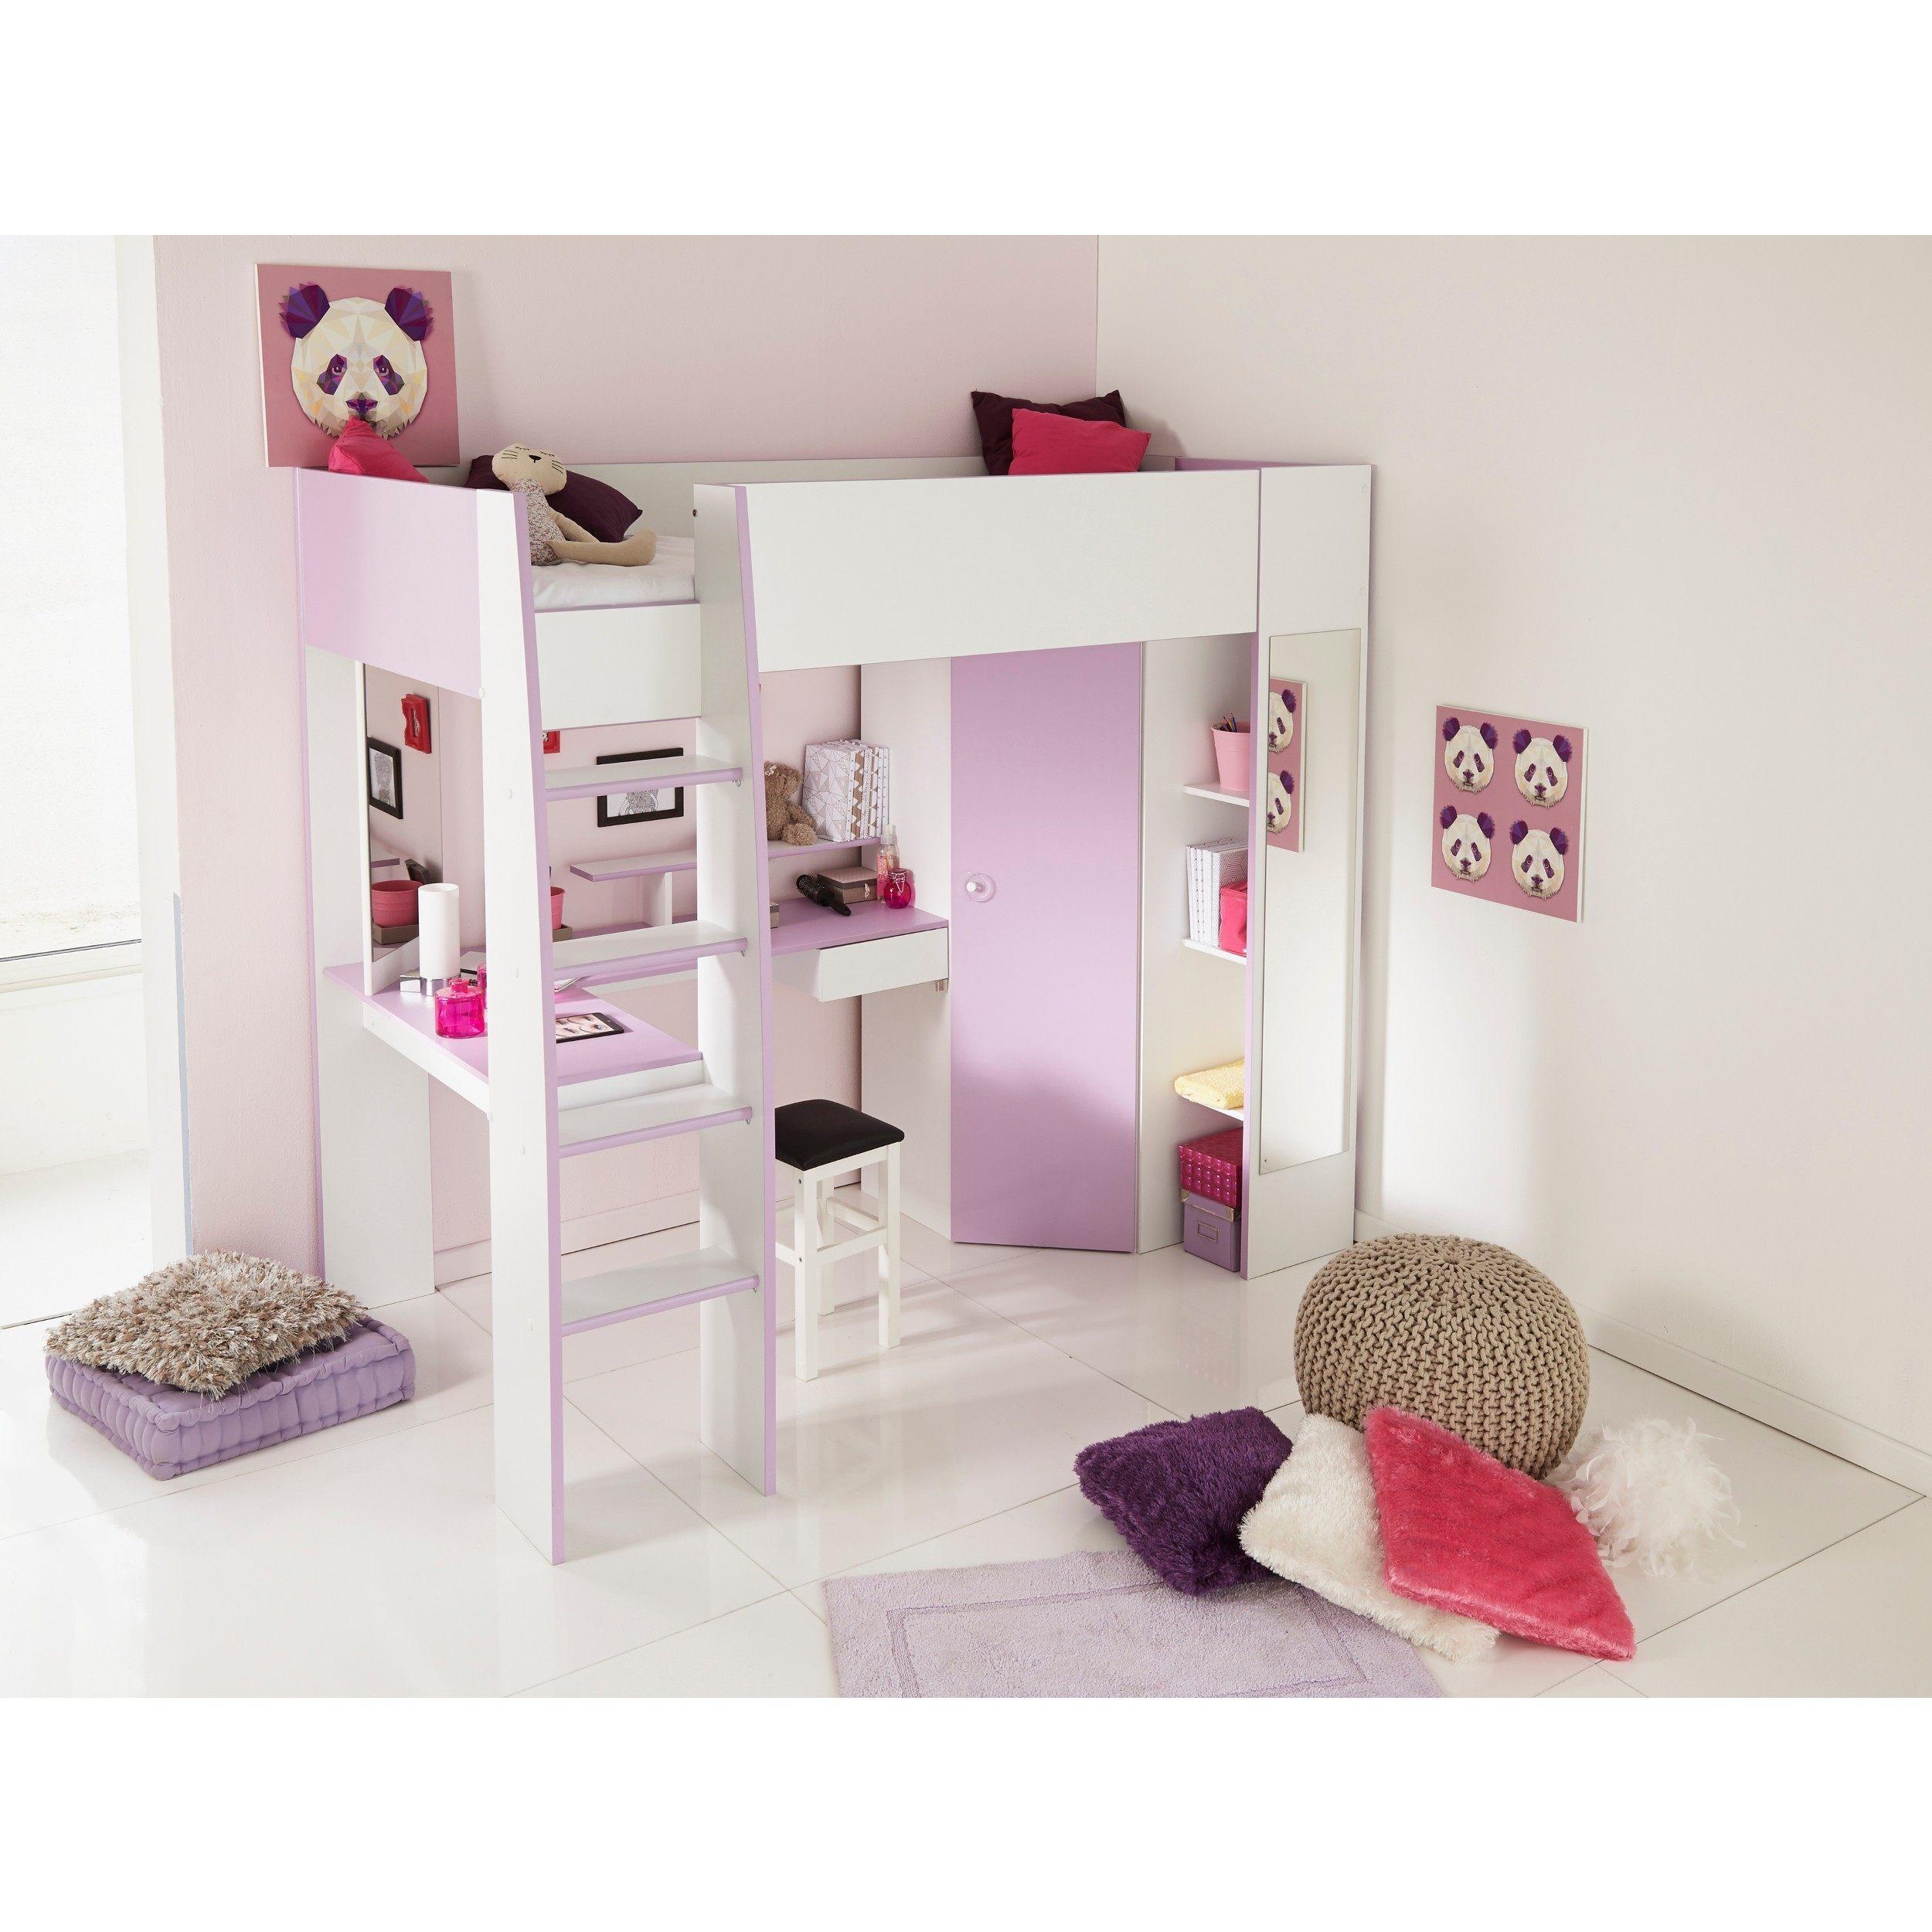 Lit Mezzanine 3 Places Le Luxe Lit Mezzanine Ikea Stuva Bureau Lit Mezzanine Ikea Enfant 21 3